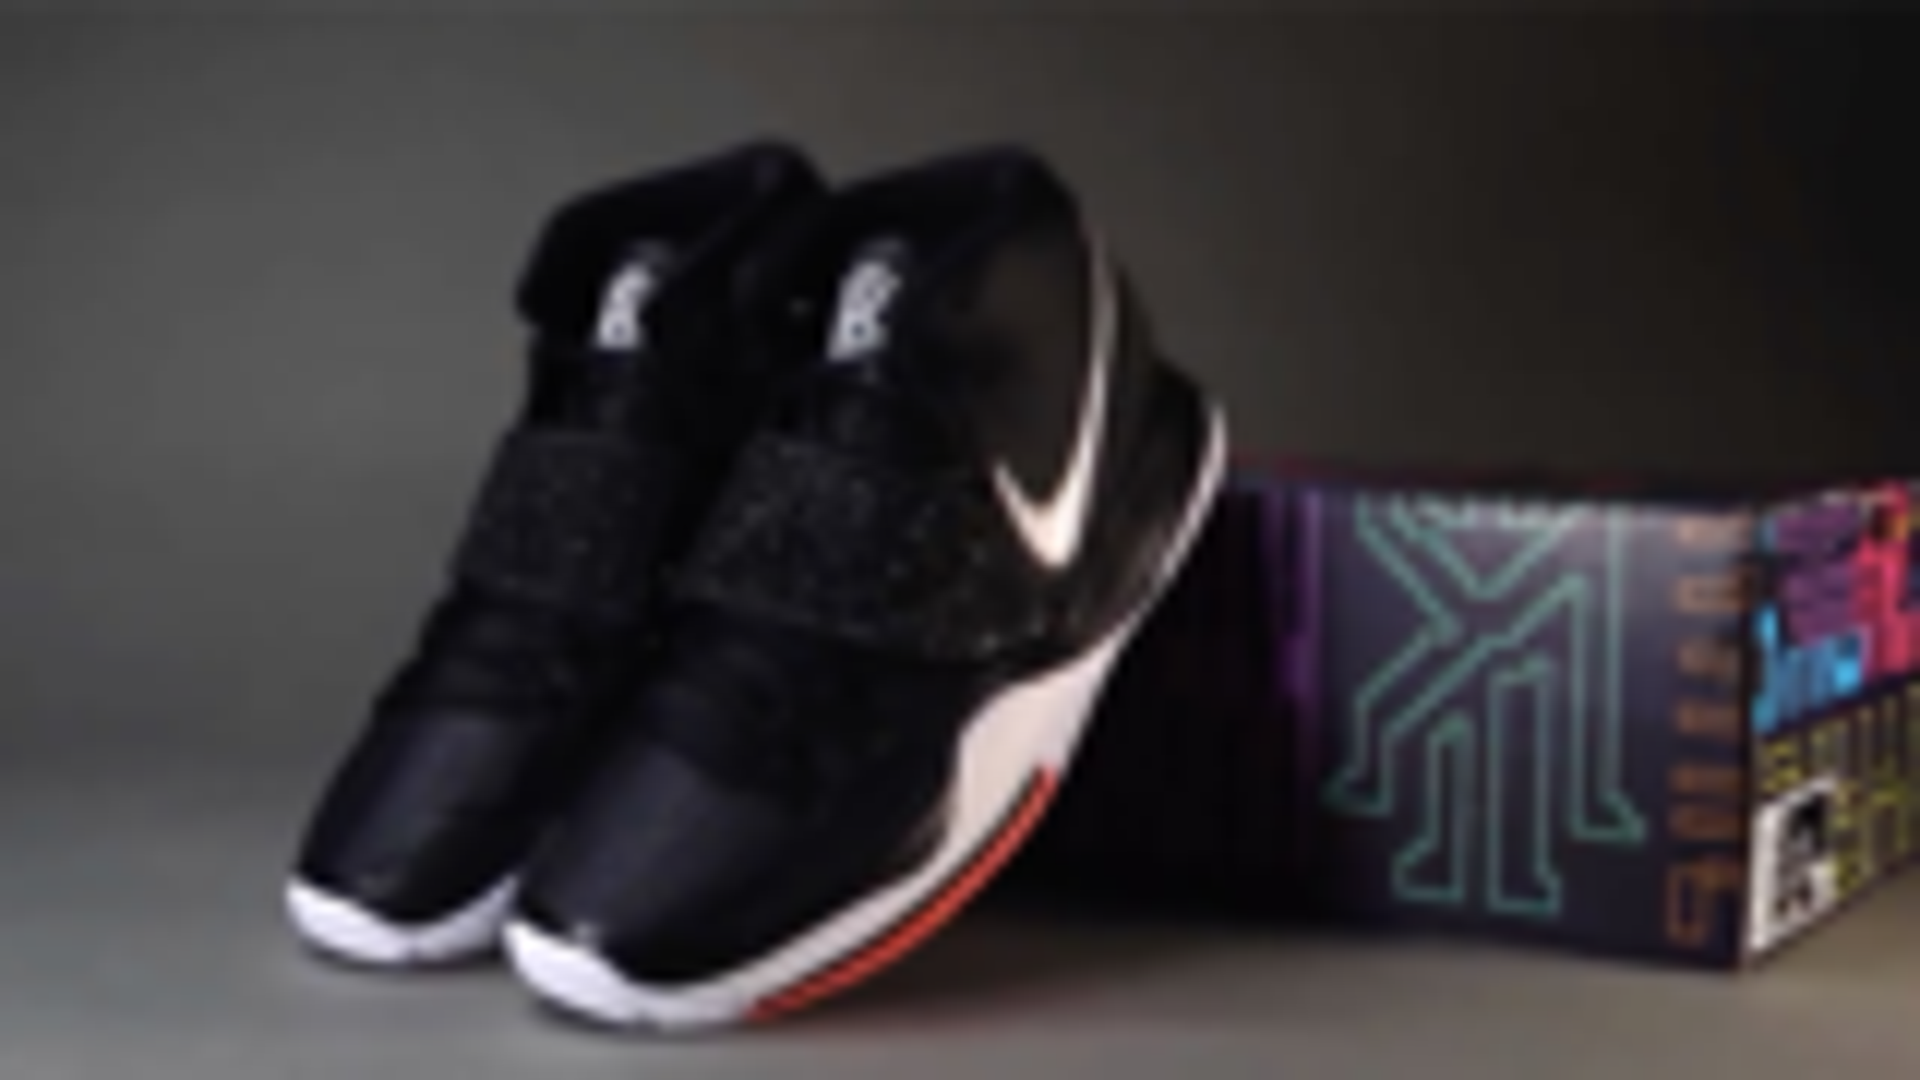 球鞋收录机|Nike Kyrie 6 欧文战靴,开箱介绍